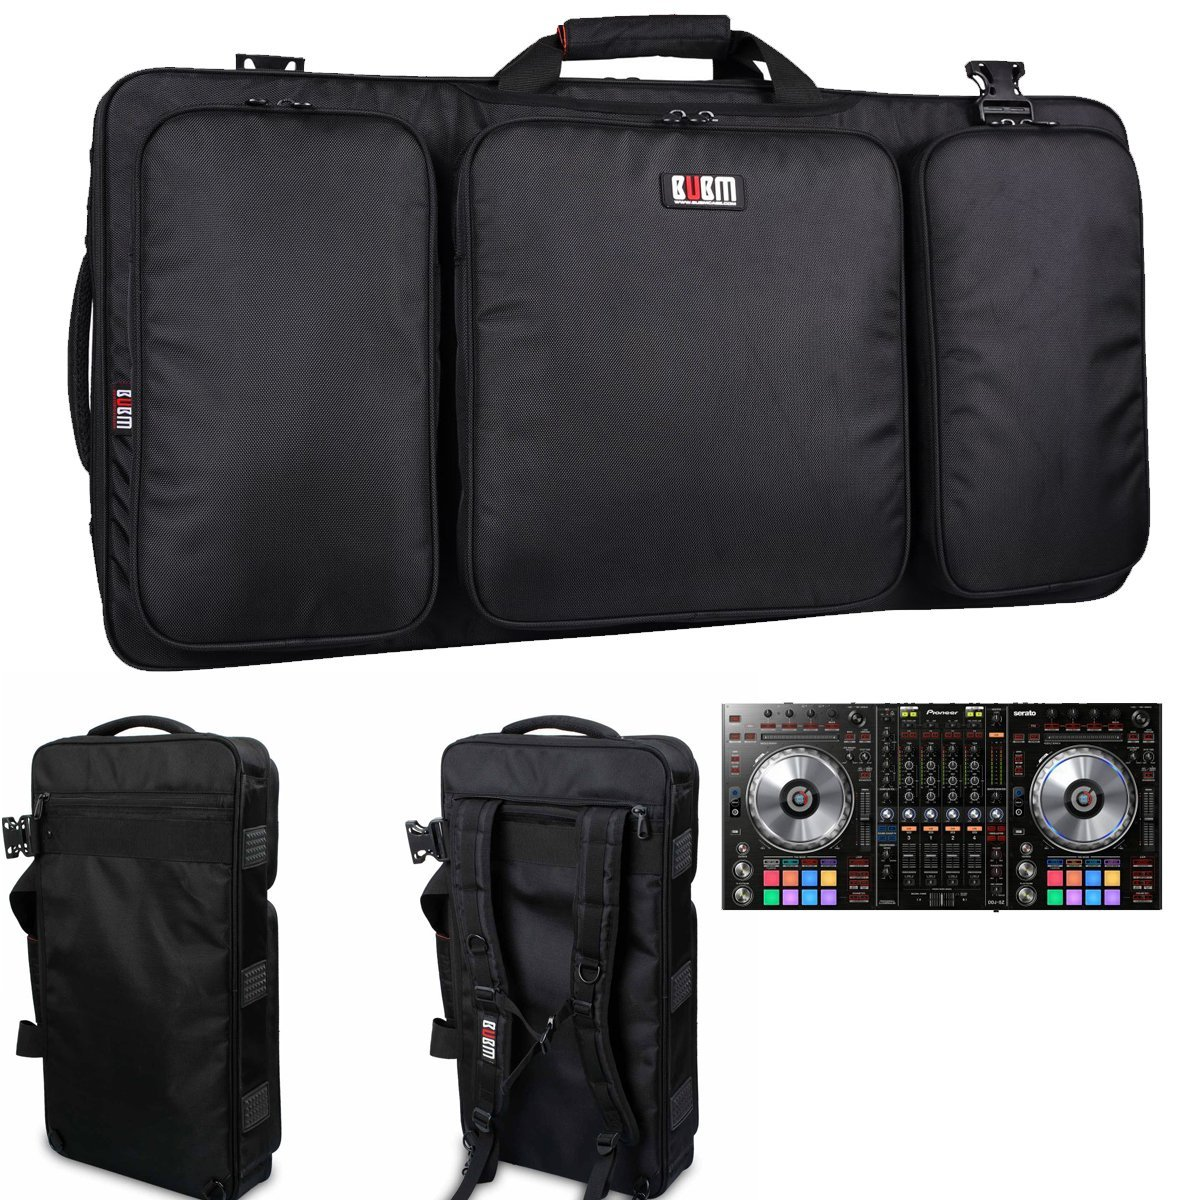 BUBM ударопрочный чехол для камеры чехол для телефона профессиональная защитная крышка сумка дорожная сумка для Pioneer Pro DDJ SZ DJ